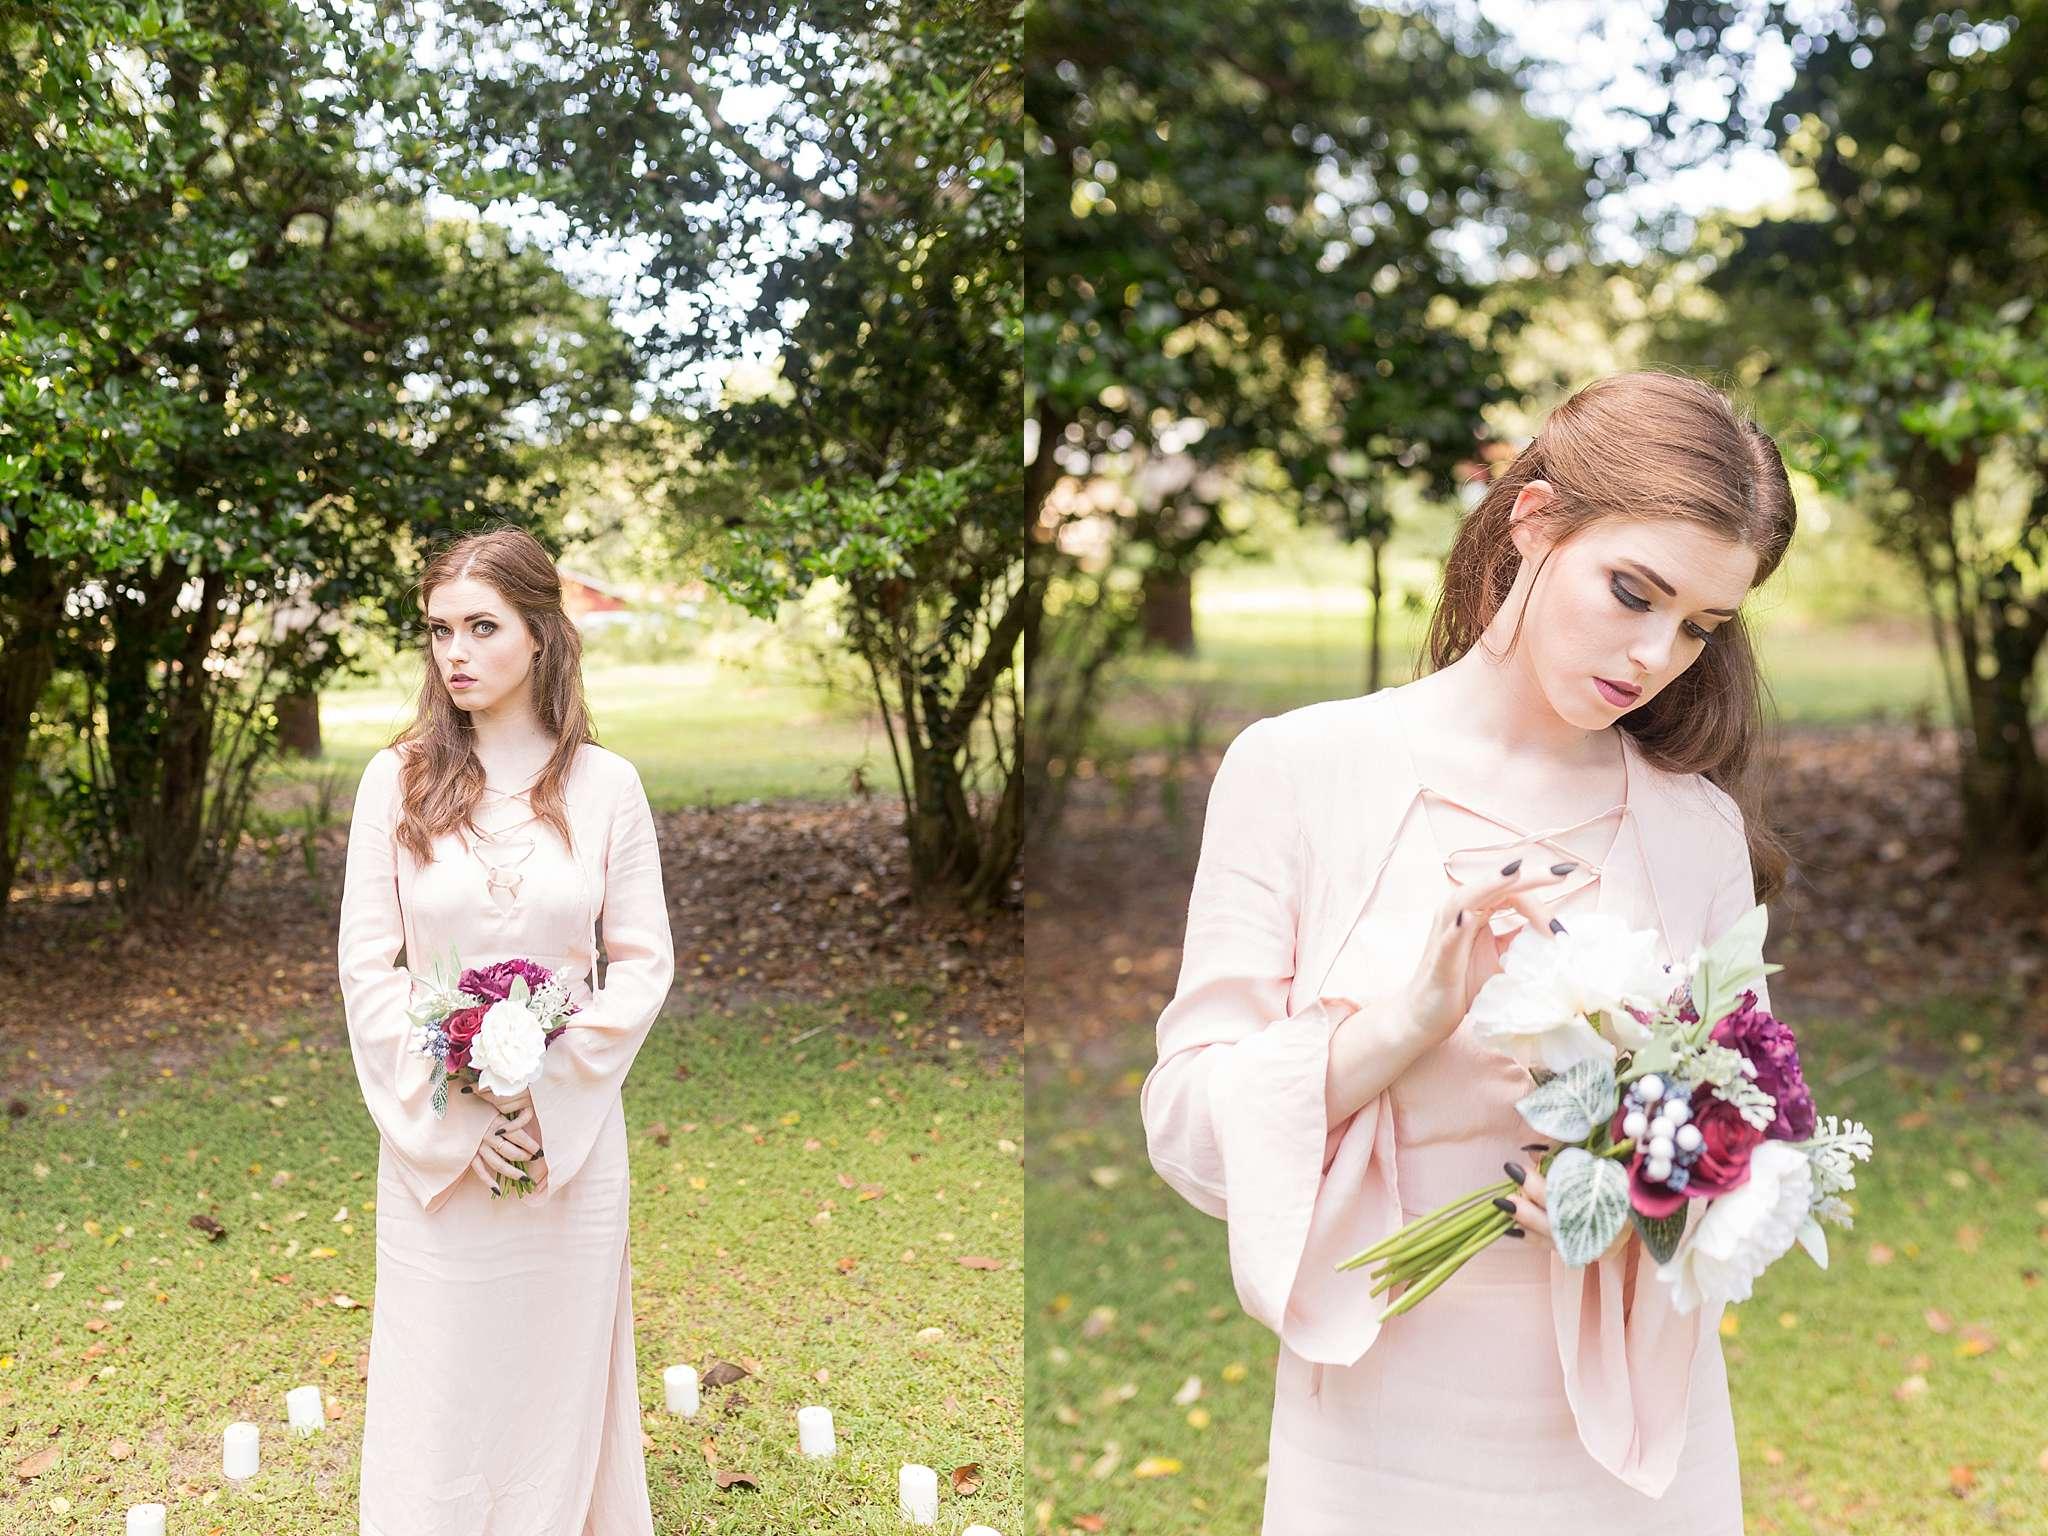 Amber-Nicole-Portrait-Jacksonville-Florida_0185.jpg